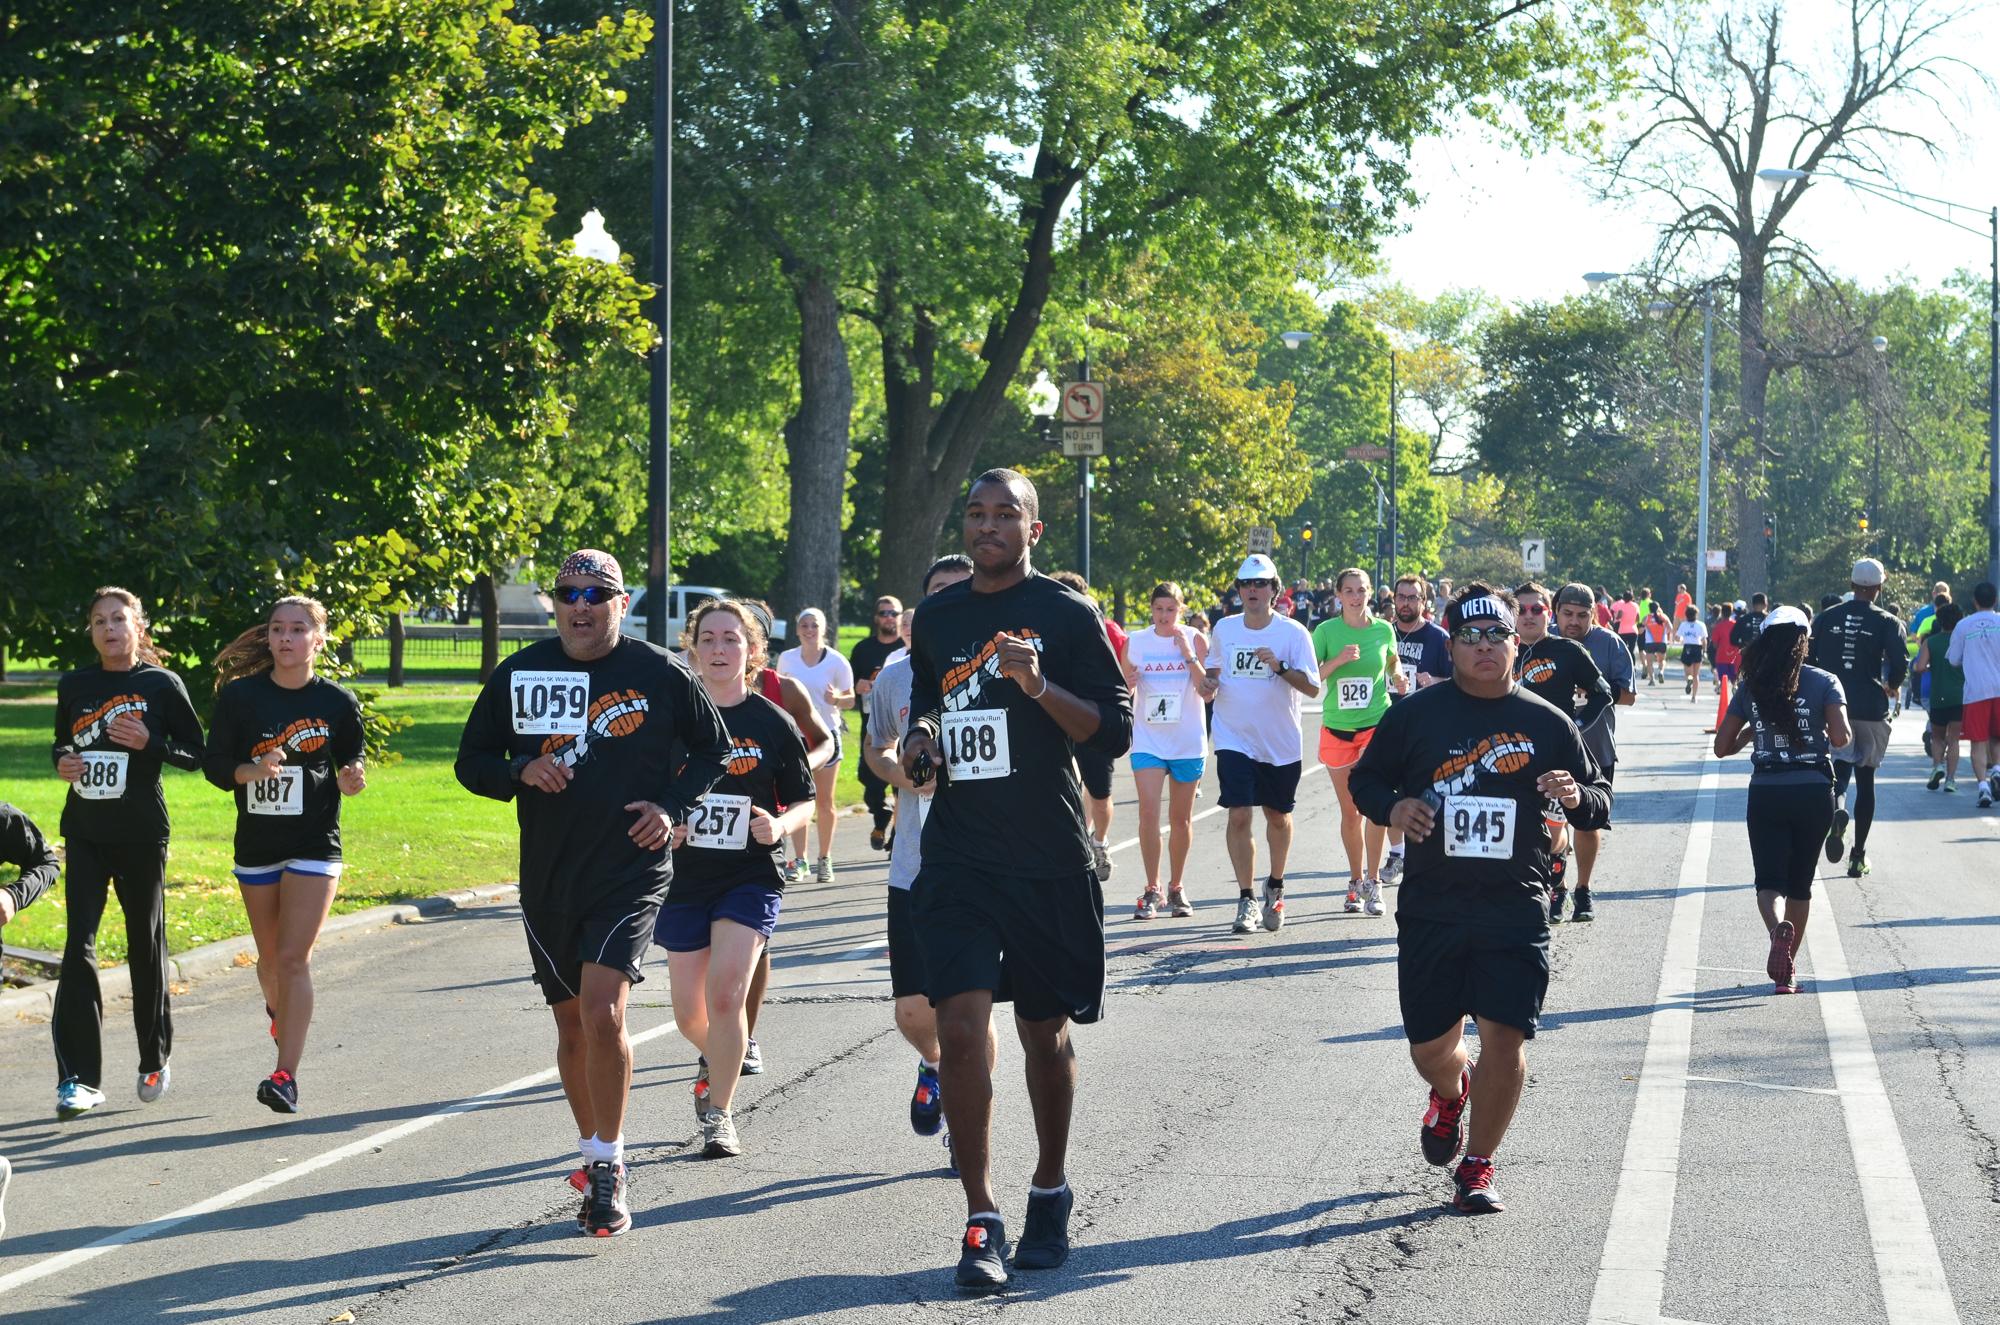 2013_line_of_runners.jpg